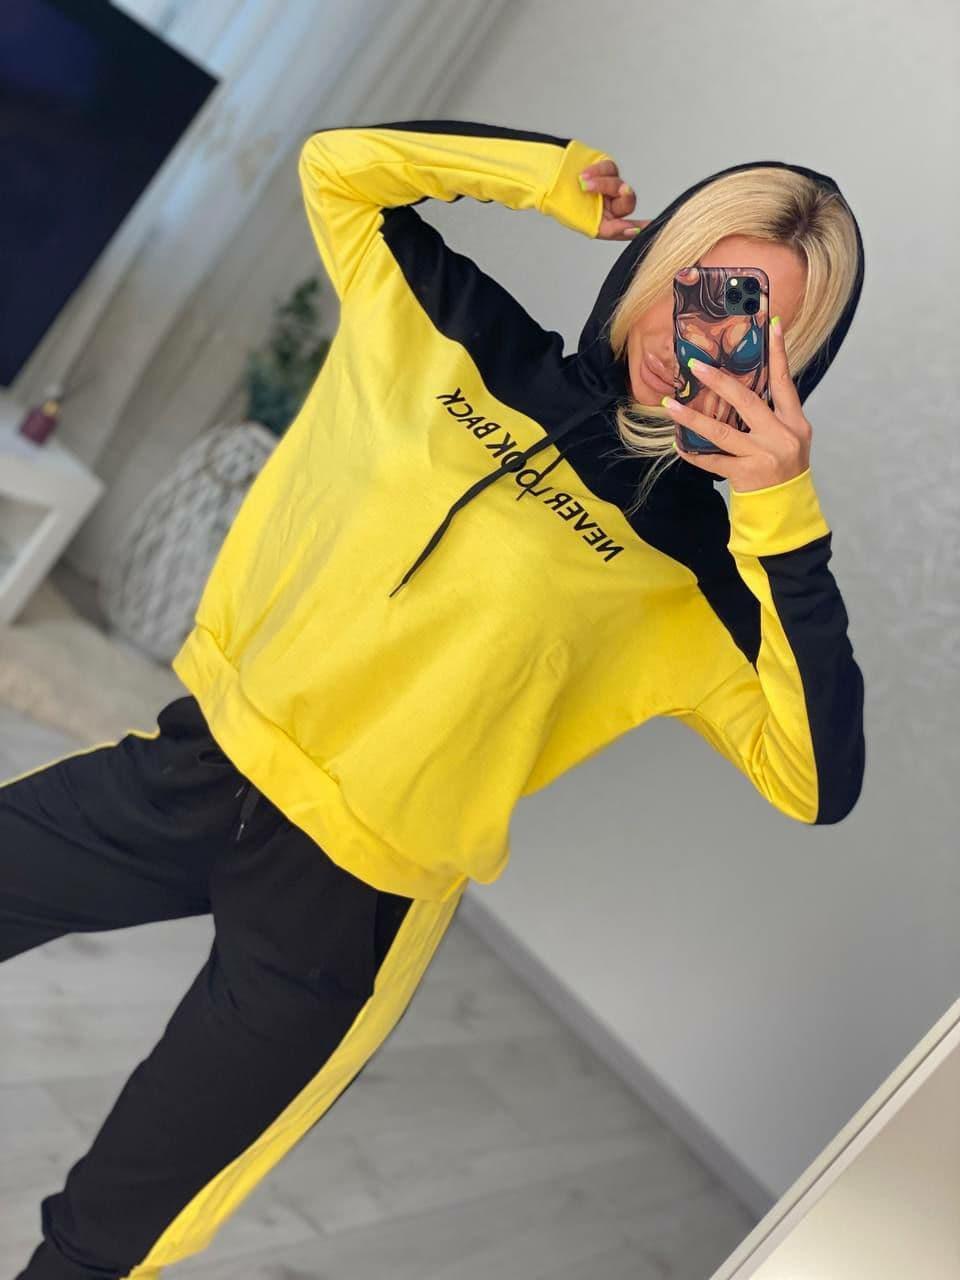 Спортивный костюм женский для пробежки, Женский спортивный костюм oversize, Женский прогулочный костюм